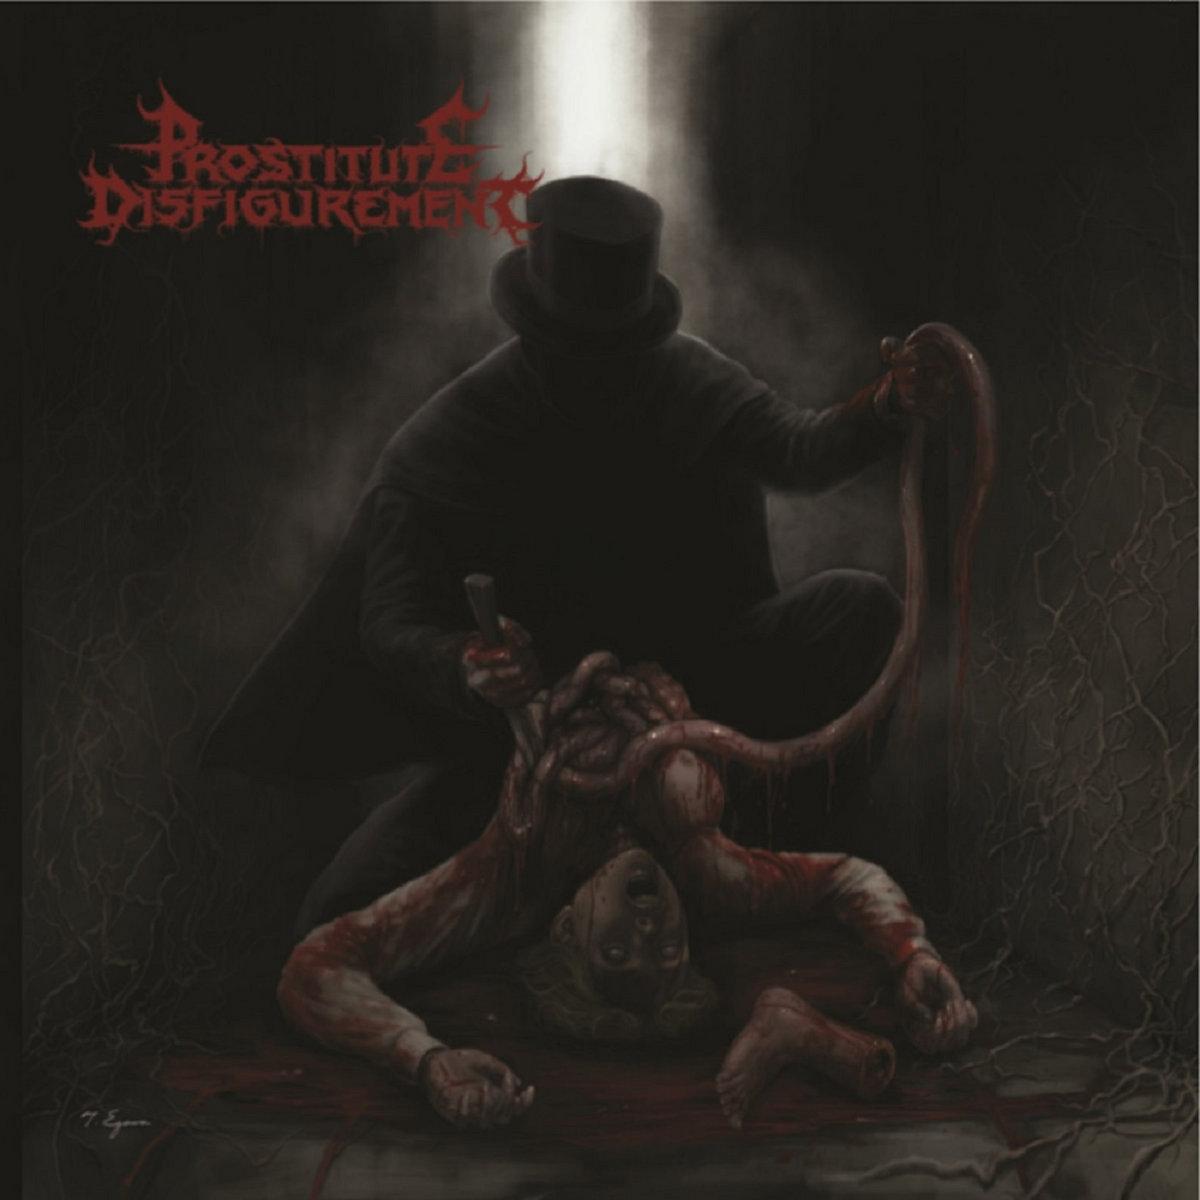 PROSTITUTE DISFIGUREMENT - Prostitute Disfigurement (Album, 2019)